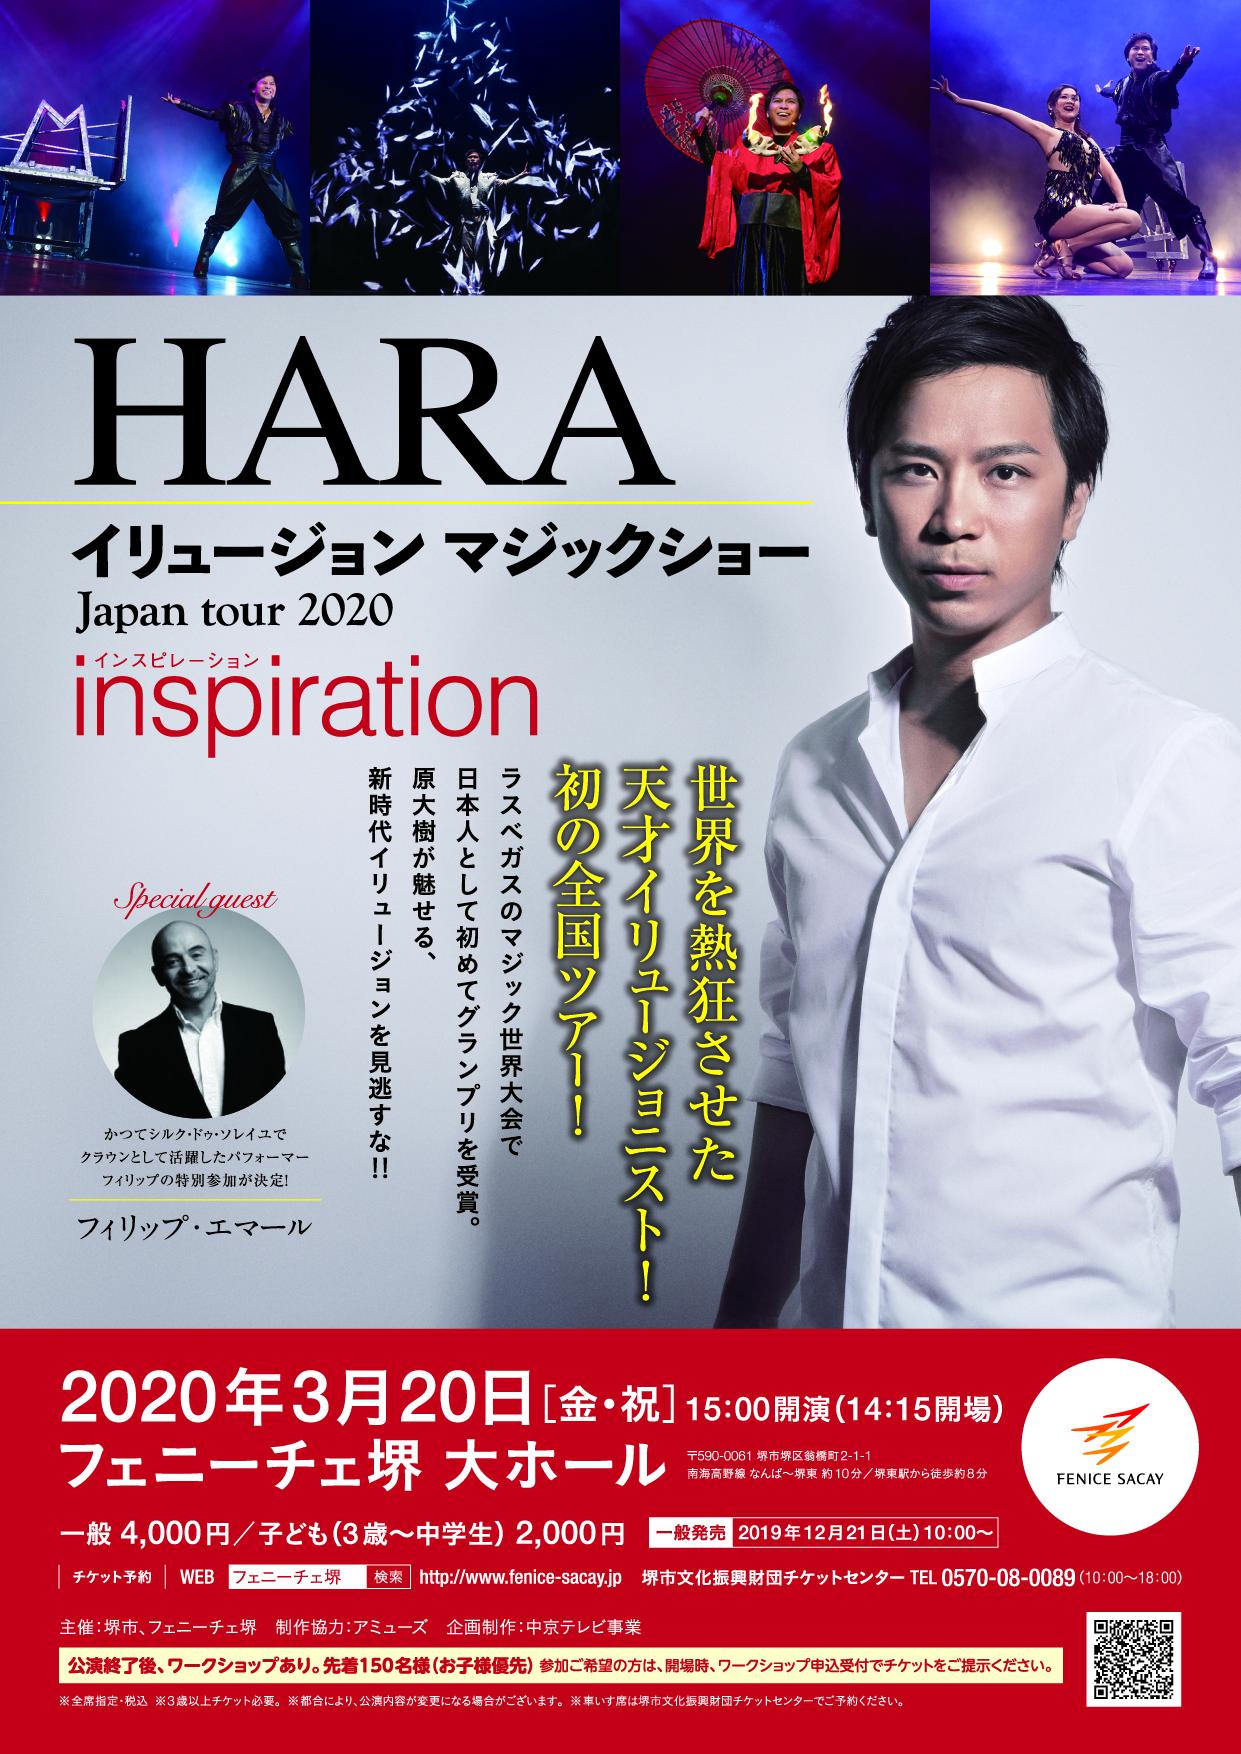 【中止】〔振替公演〕HARA イリュージョン マジックショー Japan tour 2020 「inspiration」